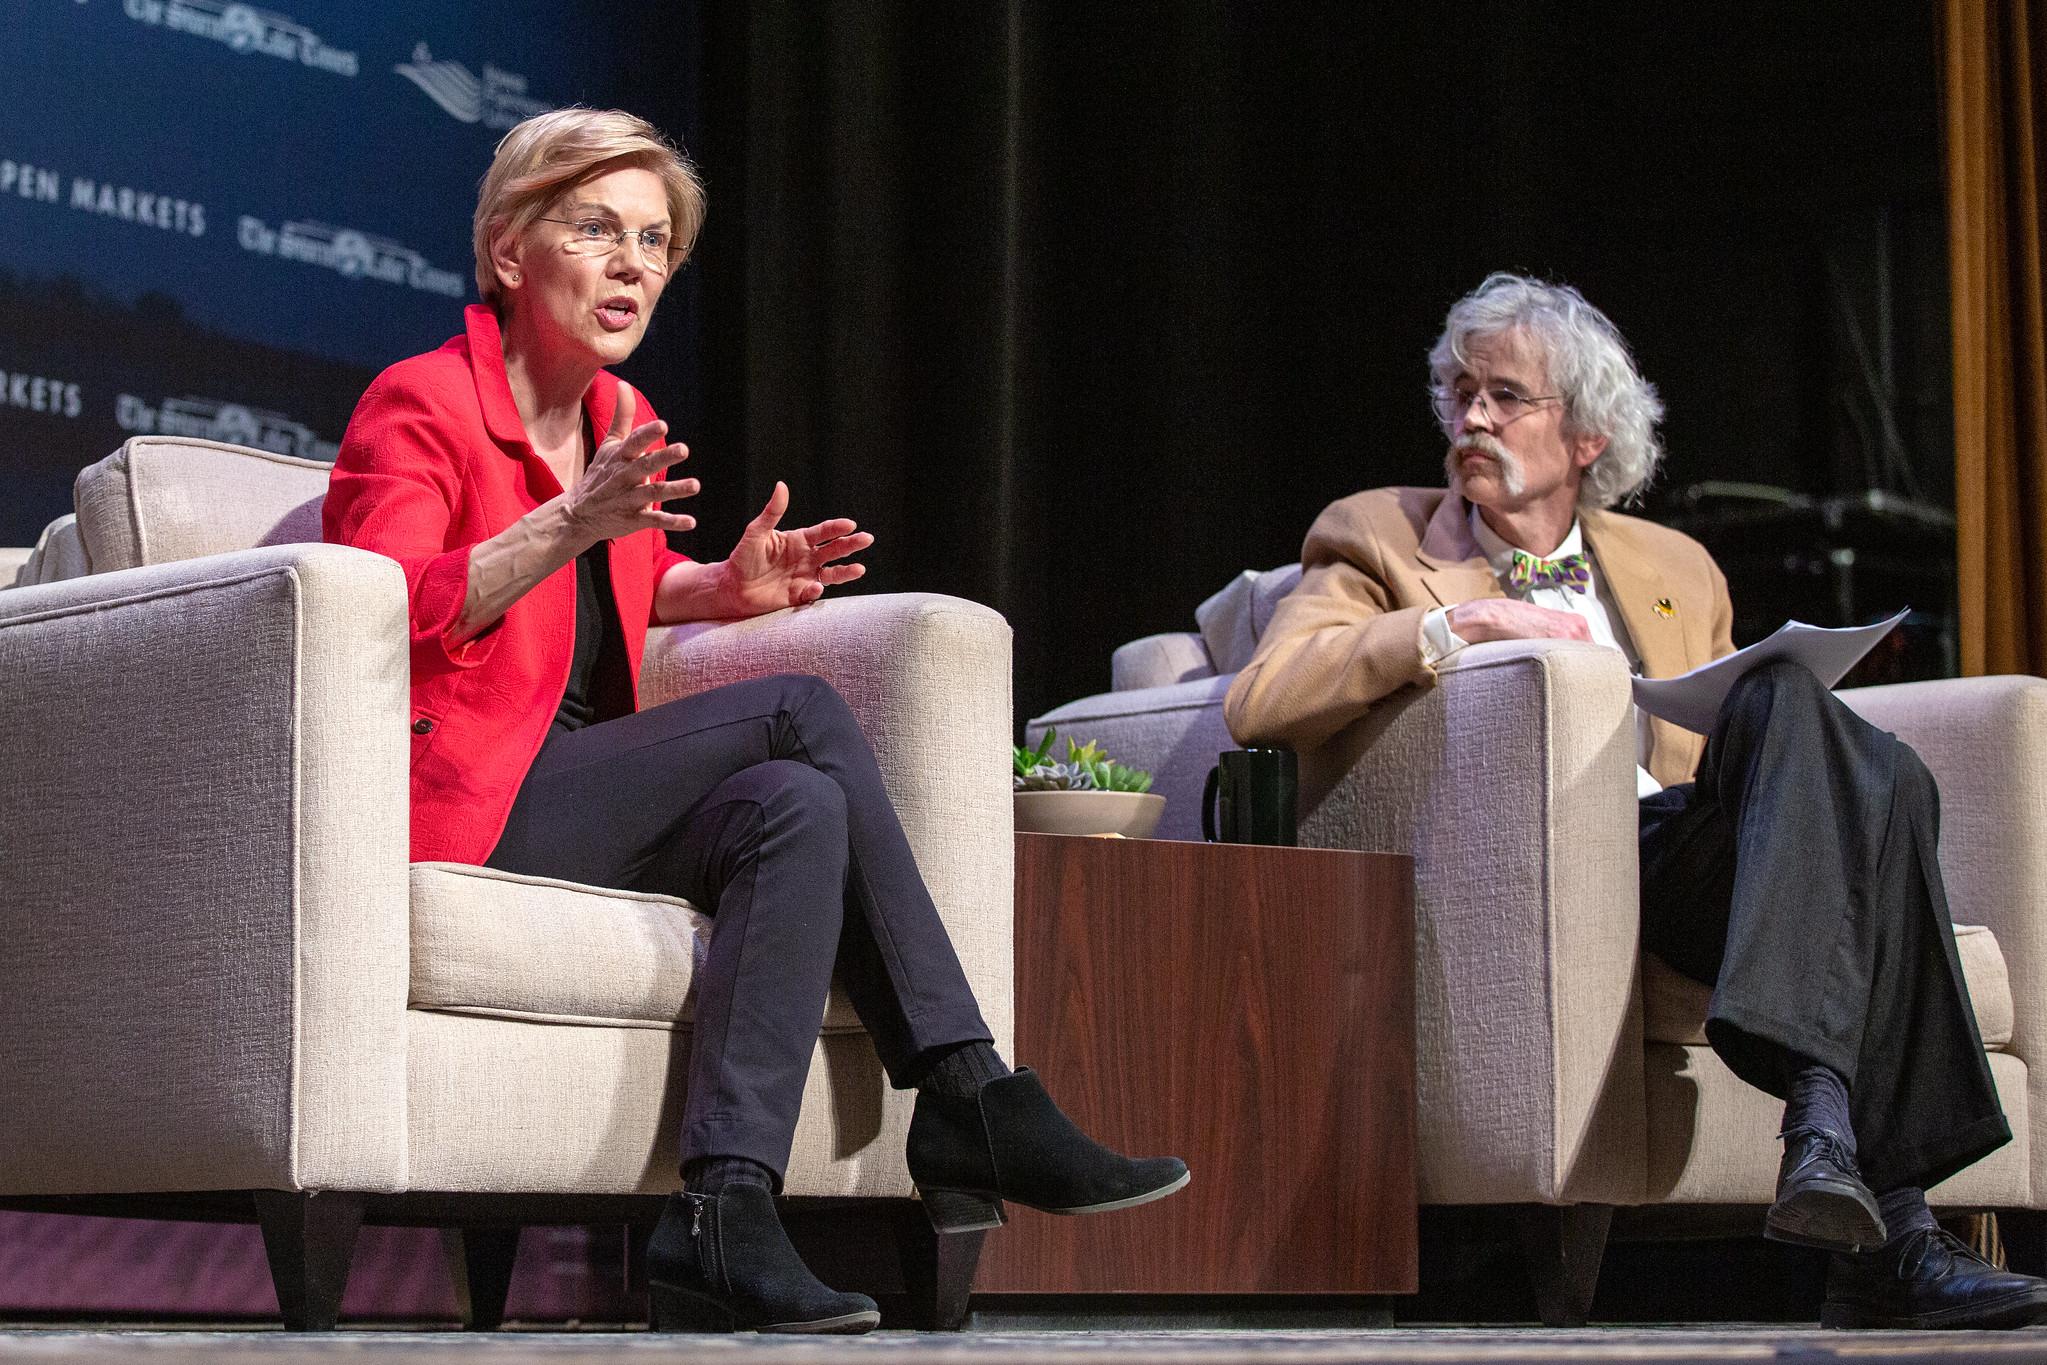 Senator Elizabeth Warrens speaks to Art Cullen